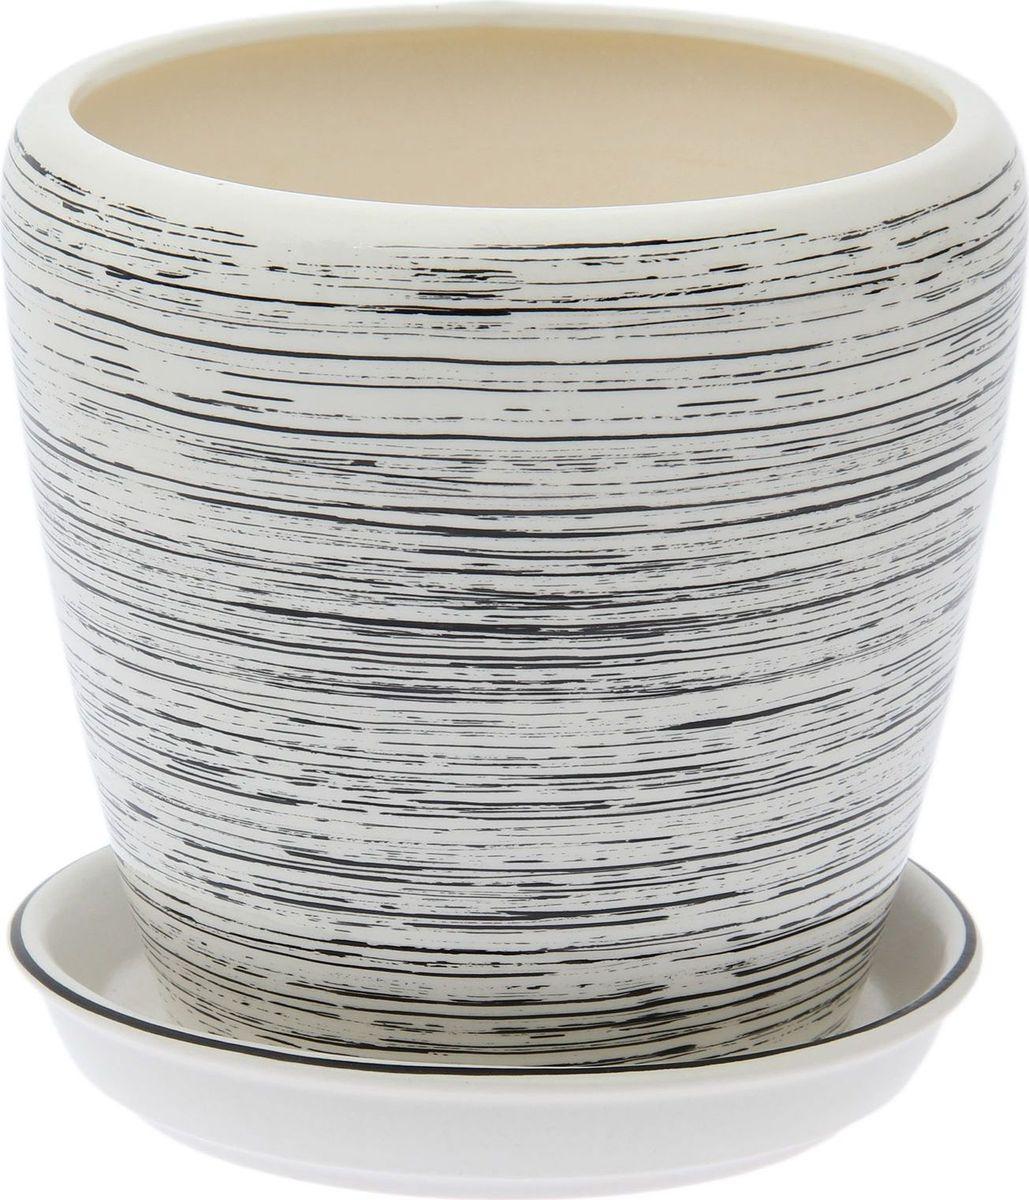 Кашпо Керамика ручной работы Грация. Глянец, цвет: черный, белый, 10 л1489668Комнатные растения — всеобщие любимцы. Они радуют глаз, насыщают помещение кислородом и украшают пространство. Каждому из них необходим свой удобный и красивый дом. Кашпо из керамики прекрасно подходят для высадки растений: за счёт пластичности глины и разных способов обработки существует великое множество форм и дизайновпористый материал позволяет испаряться лишней влагевоздух, необходимый для дыхания корней, проникает сквозь керамические стенки! #name# позаботится о зелёном питомце, освежит интерьер и подчеркнёт его стиль.